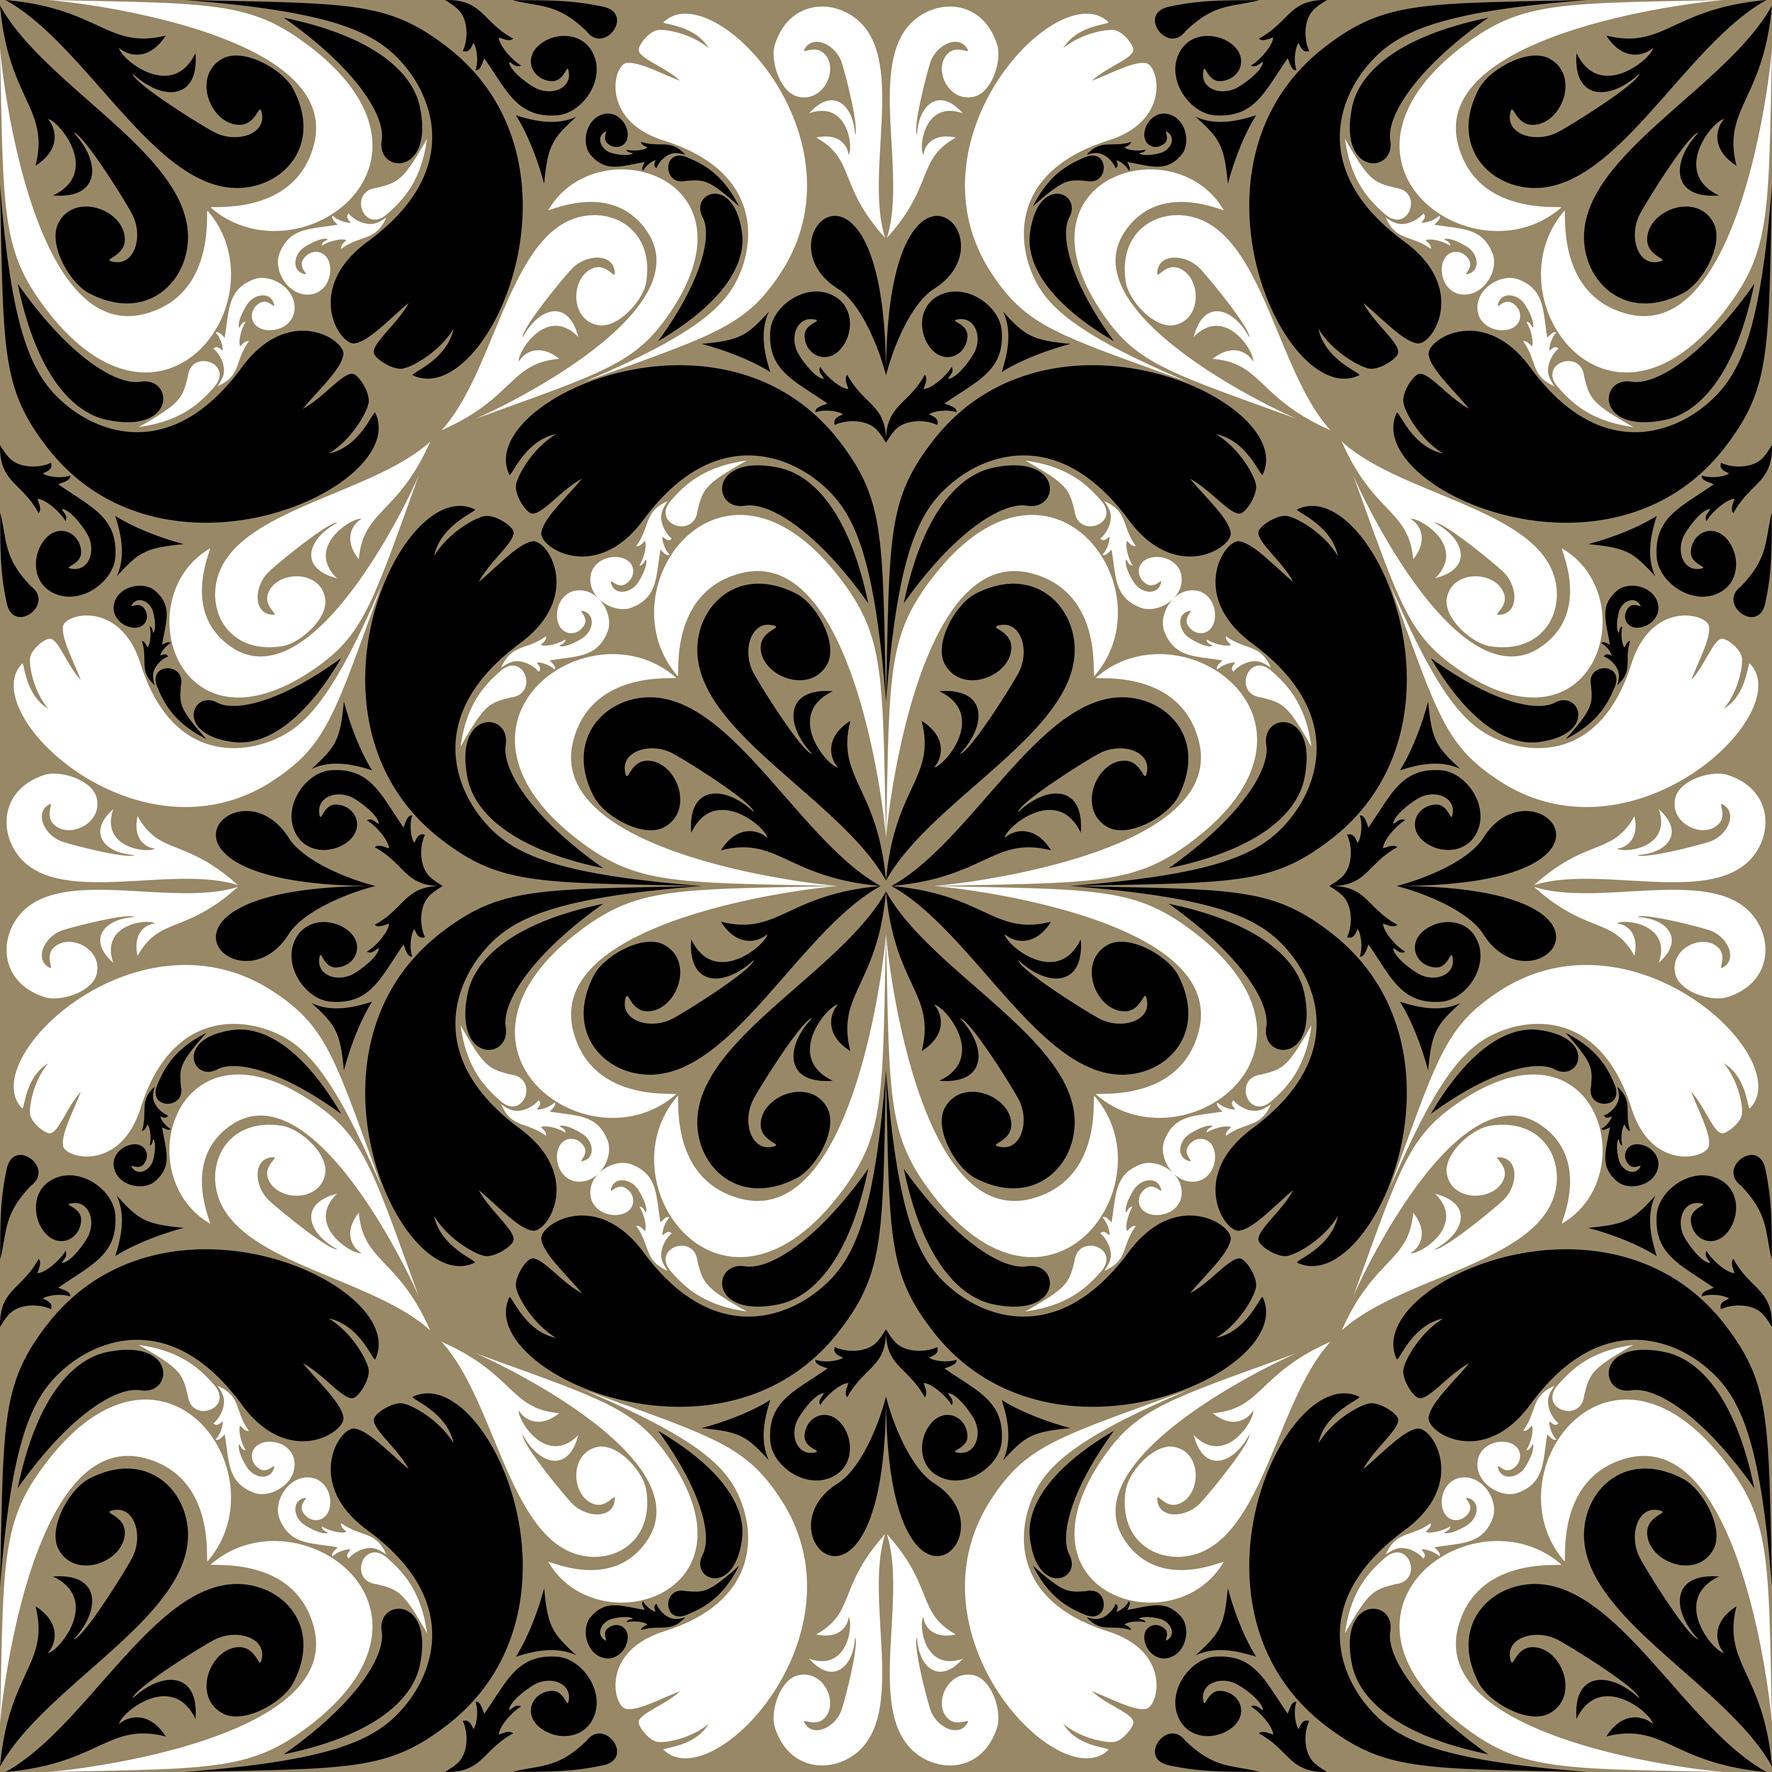 Azulejo Adesivo : AZ069 Arabesco Design Elo7 #7C6D4F 1772x1772 Azulejo Banheiro Tamanho